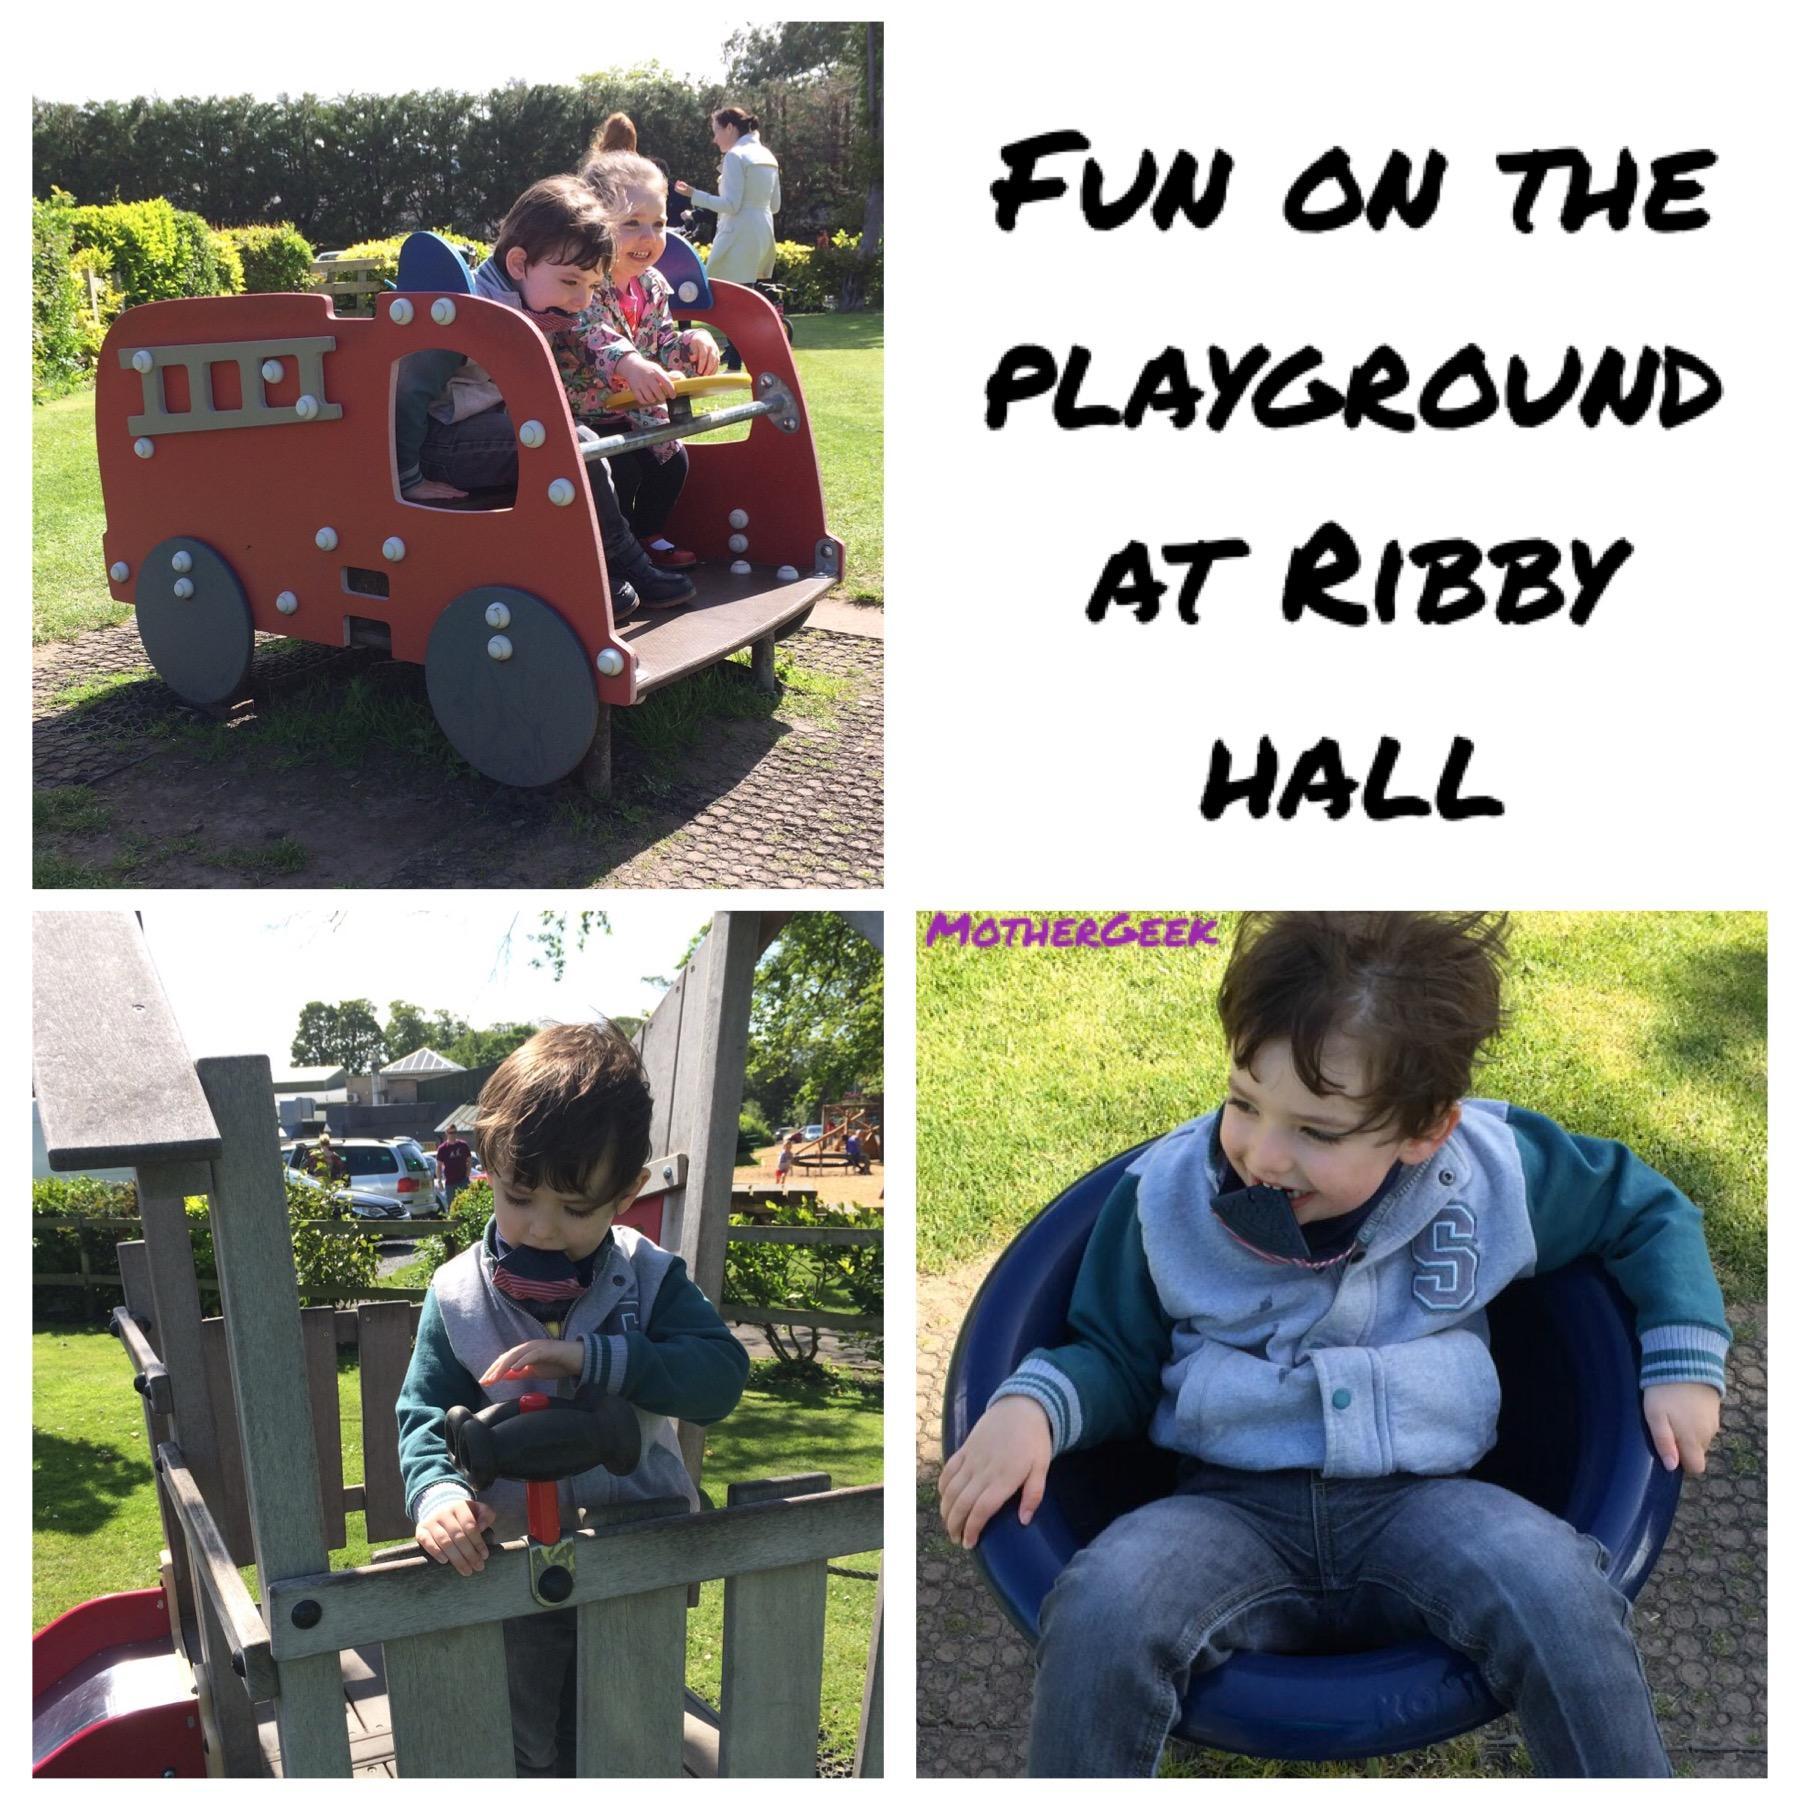 Ribby Hall Playground